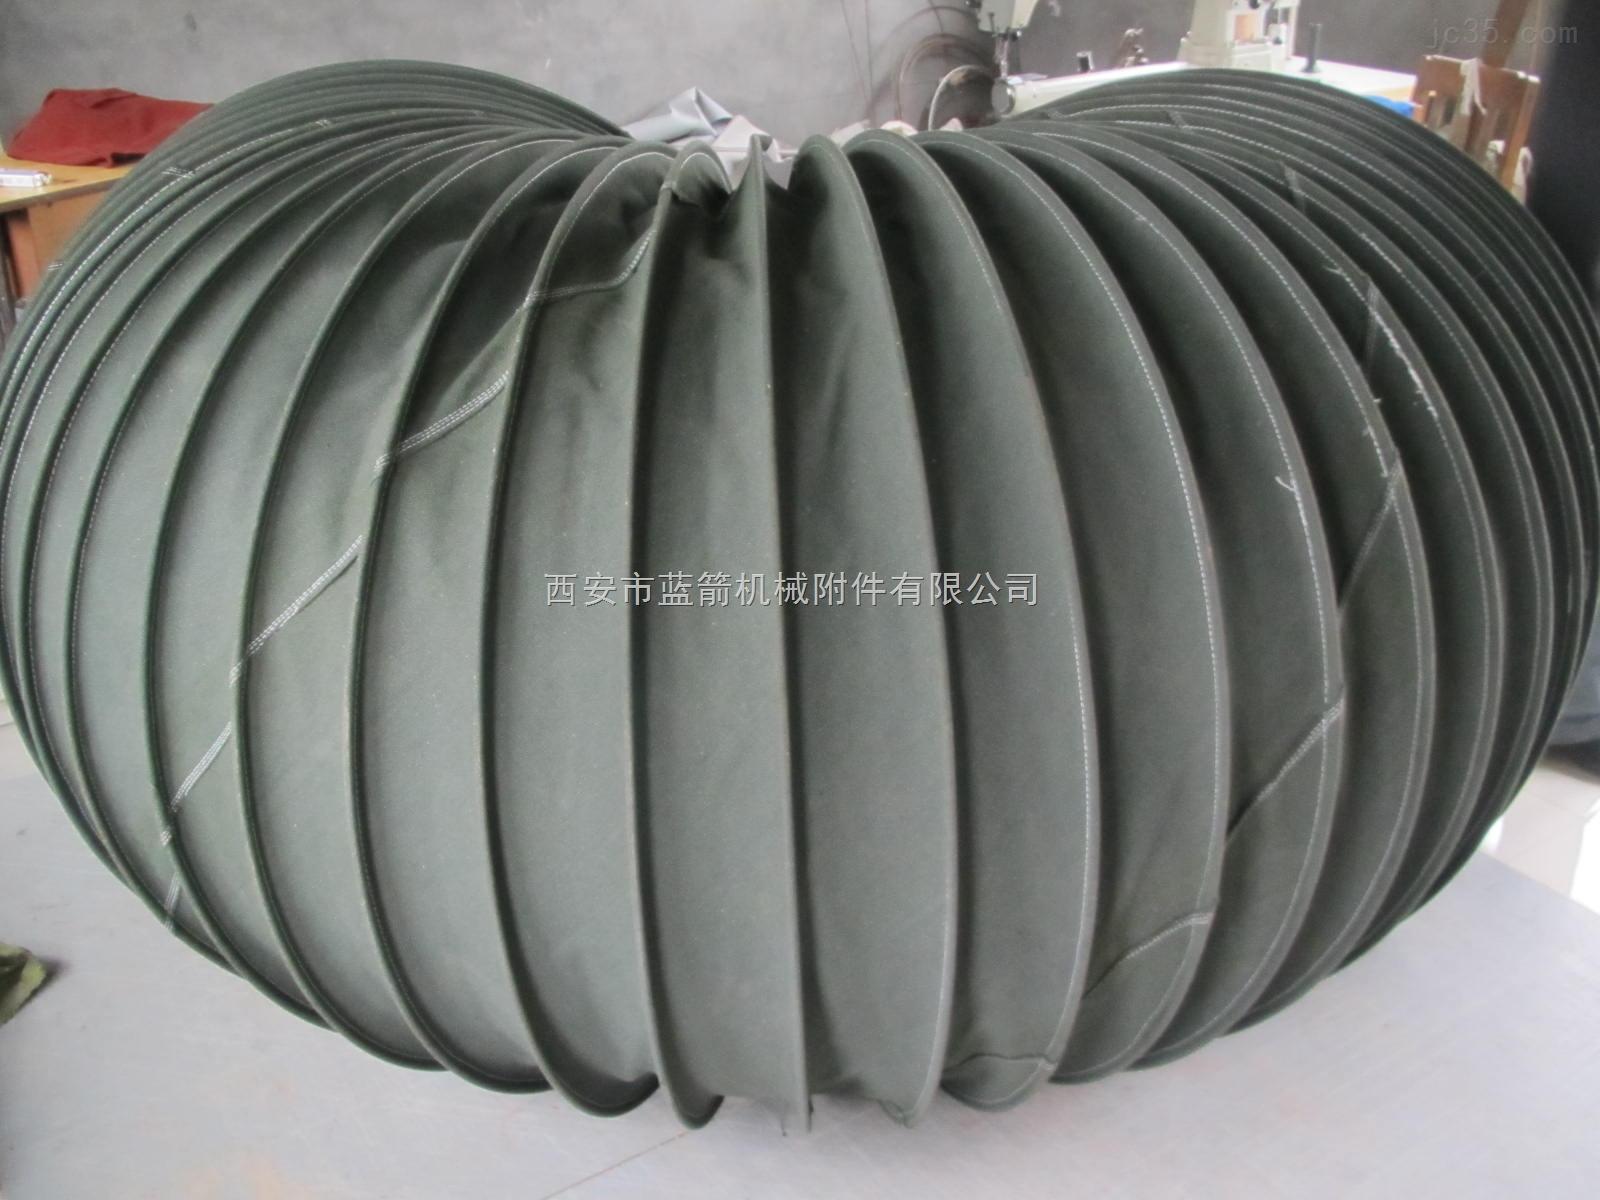 圆筒式阻燃防火丝杠护罩